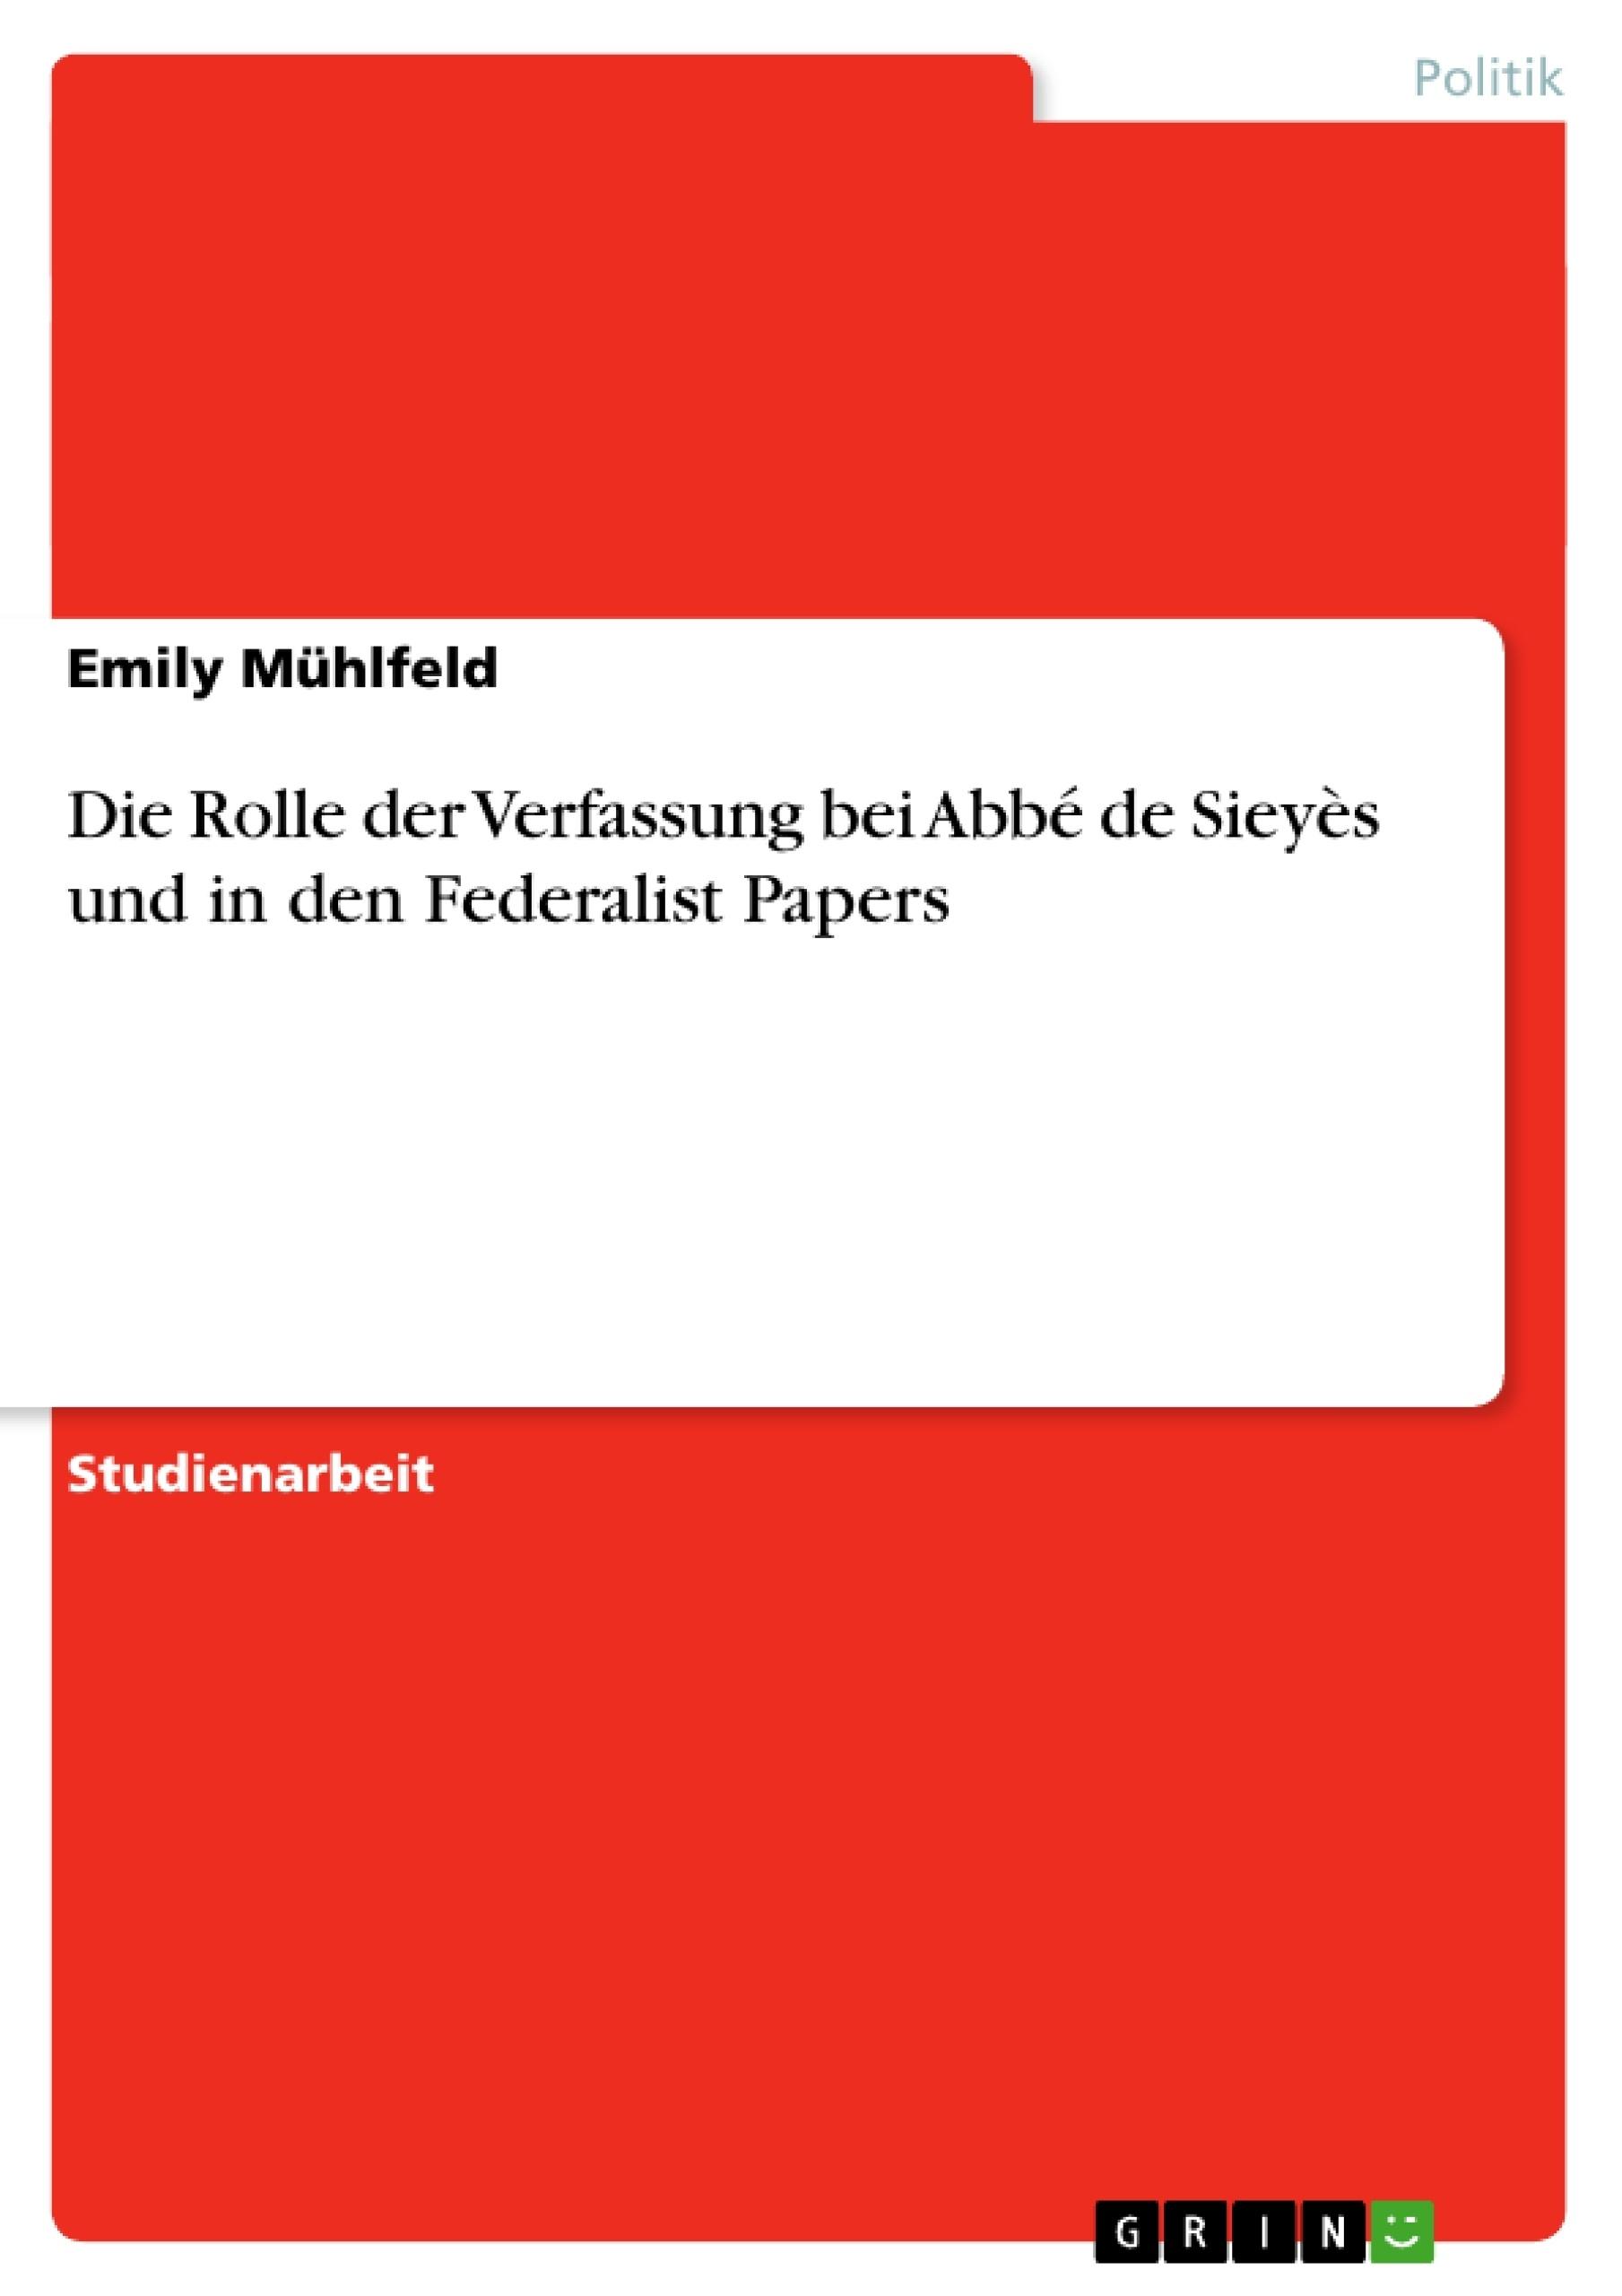 Titel: Die Rolle der Verfassung bei Abbé de Sieyès und in den Federalist Papers